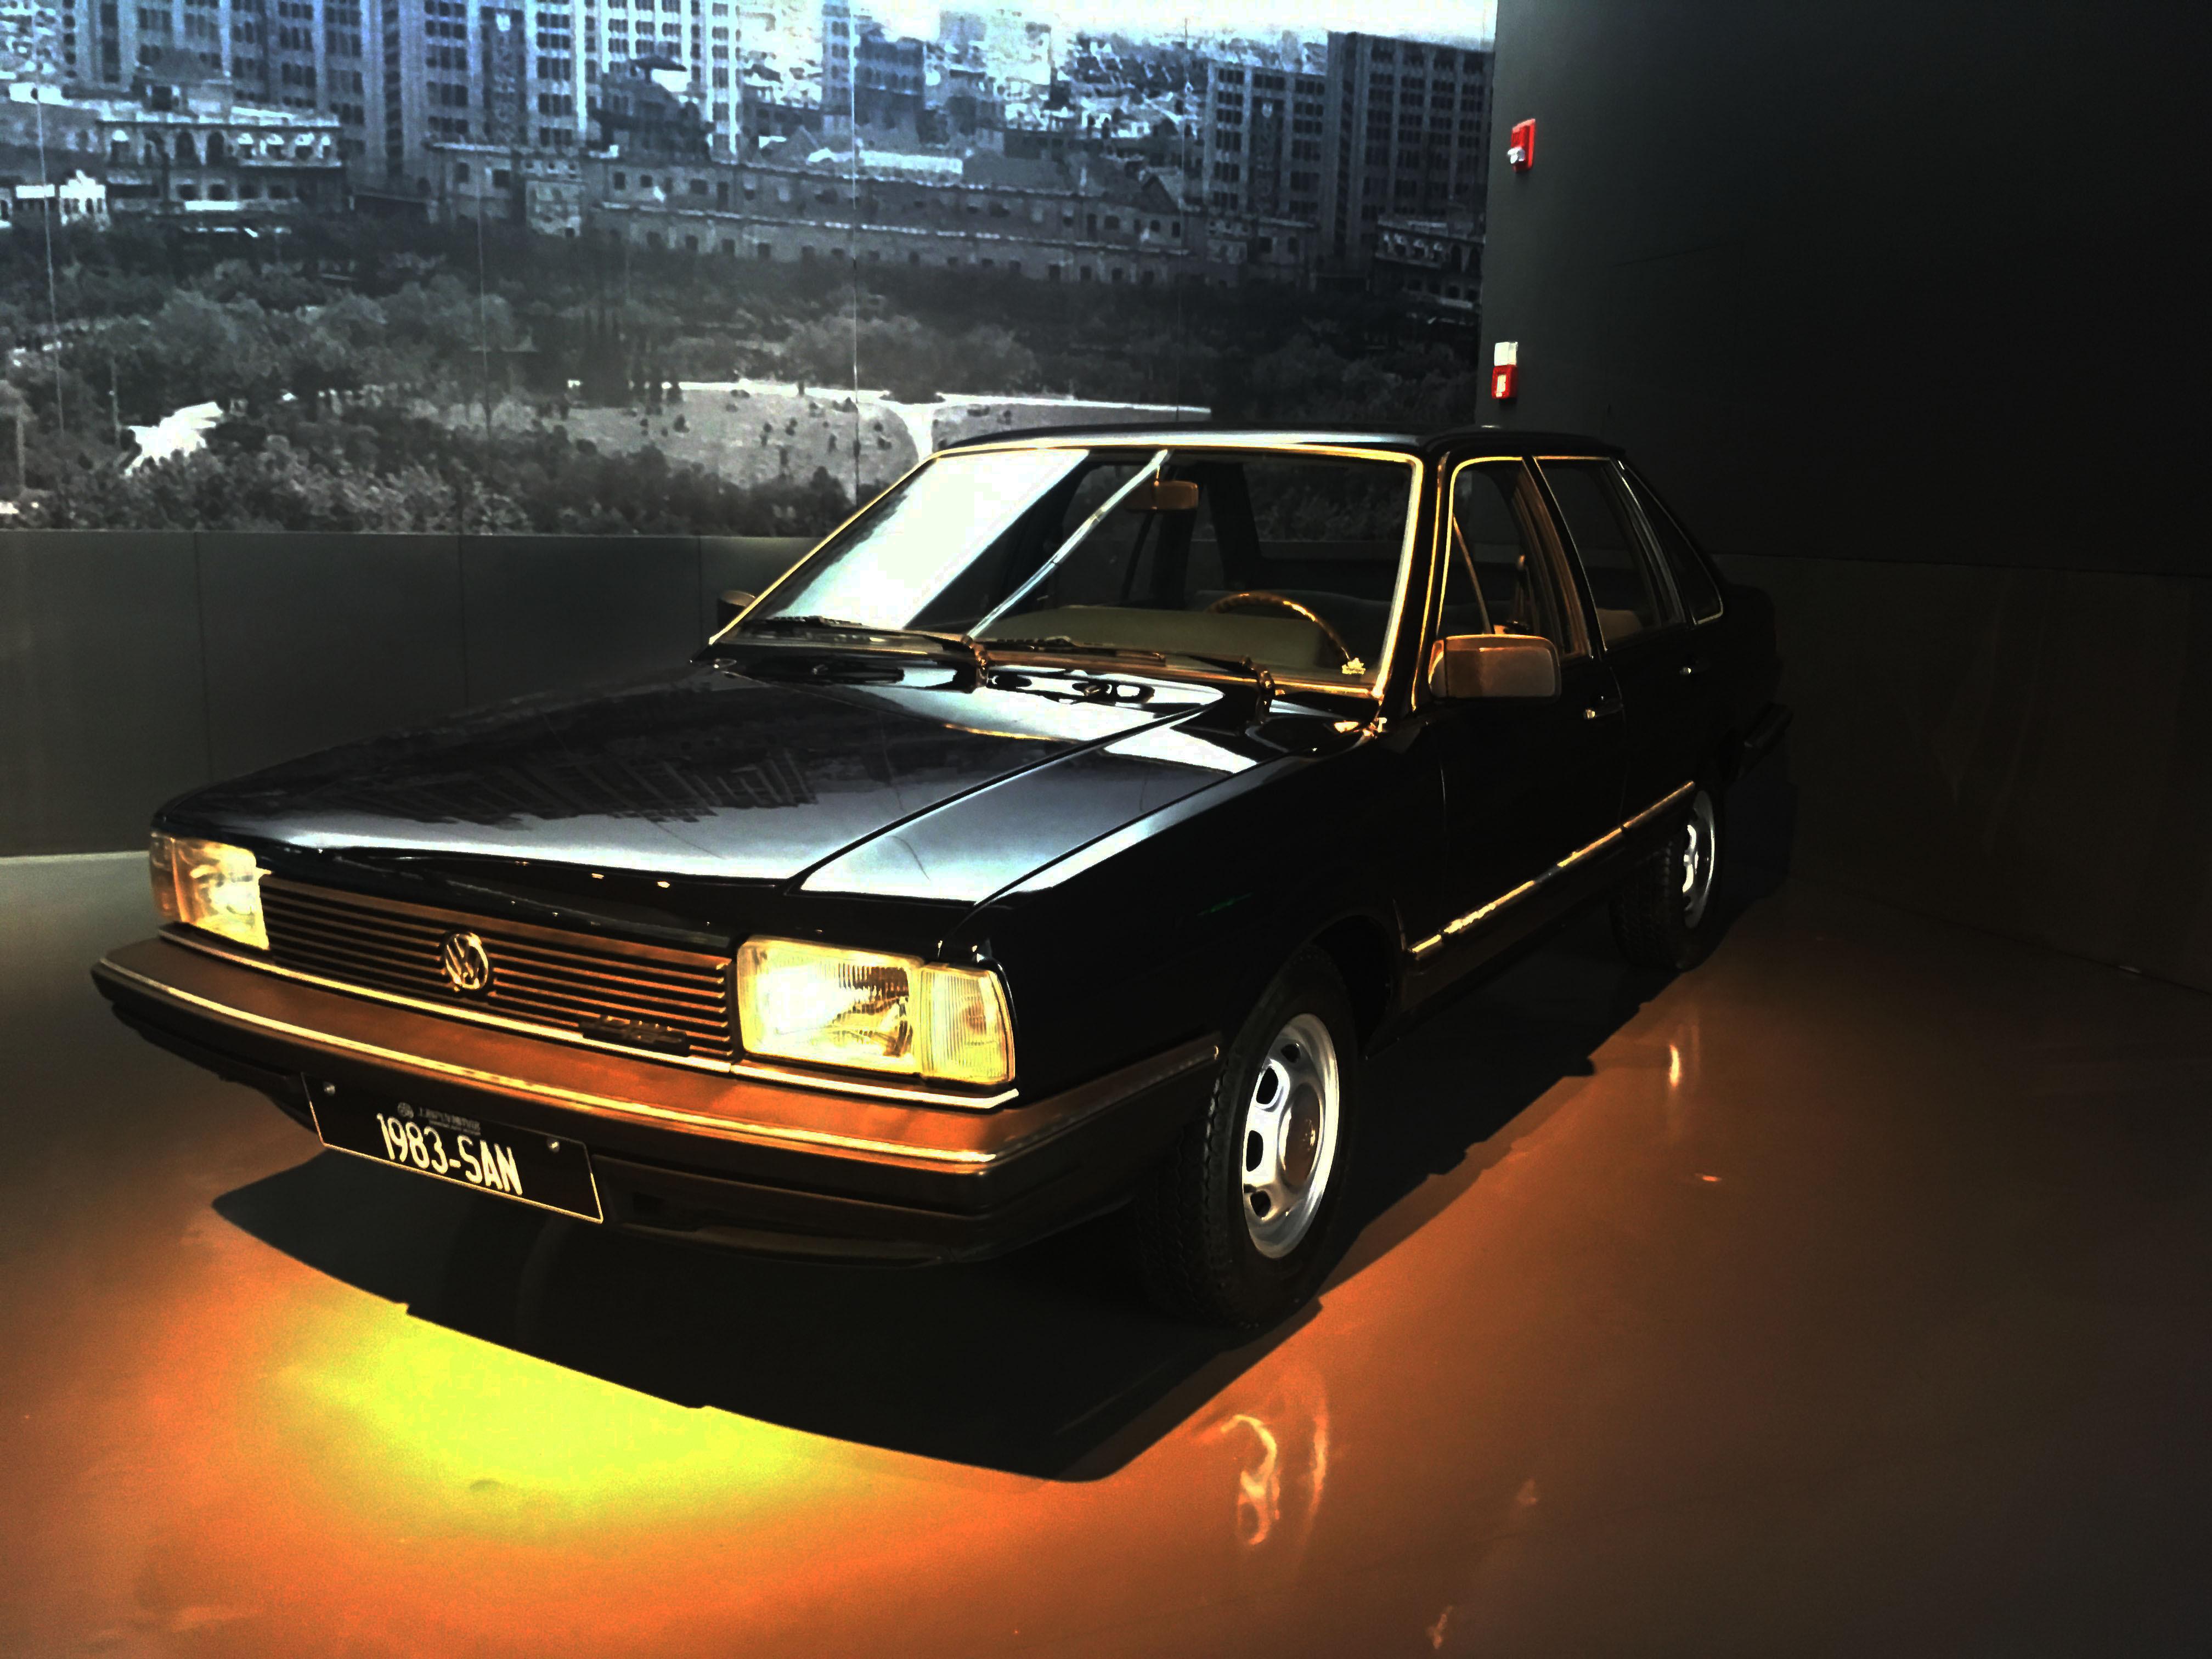 上海车_收藏于上海汽车博物馆的1983年上海大众桑塔纳